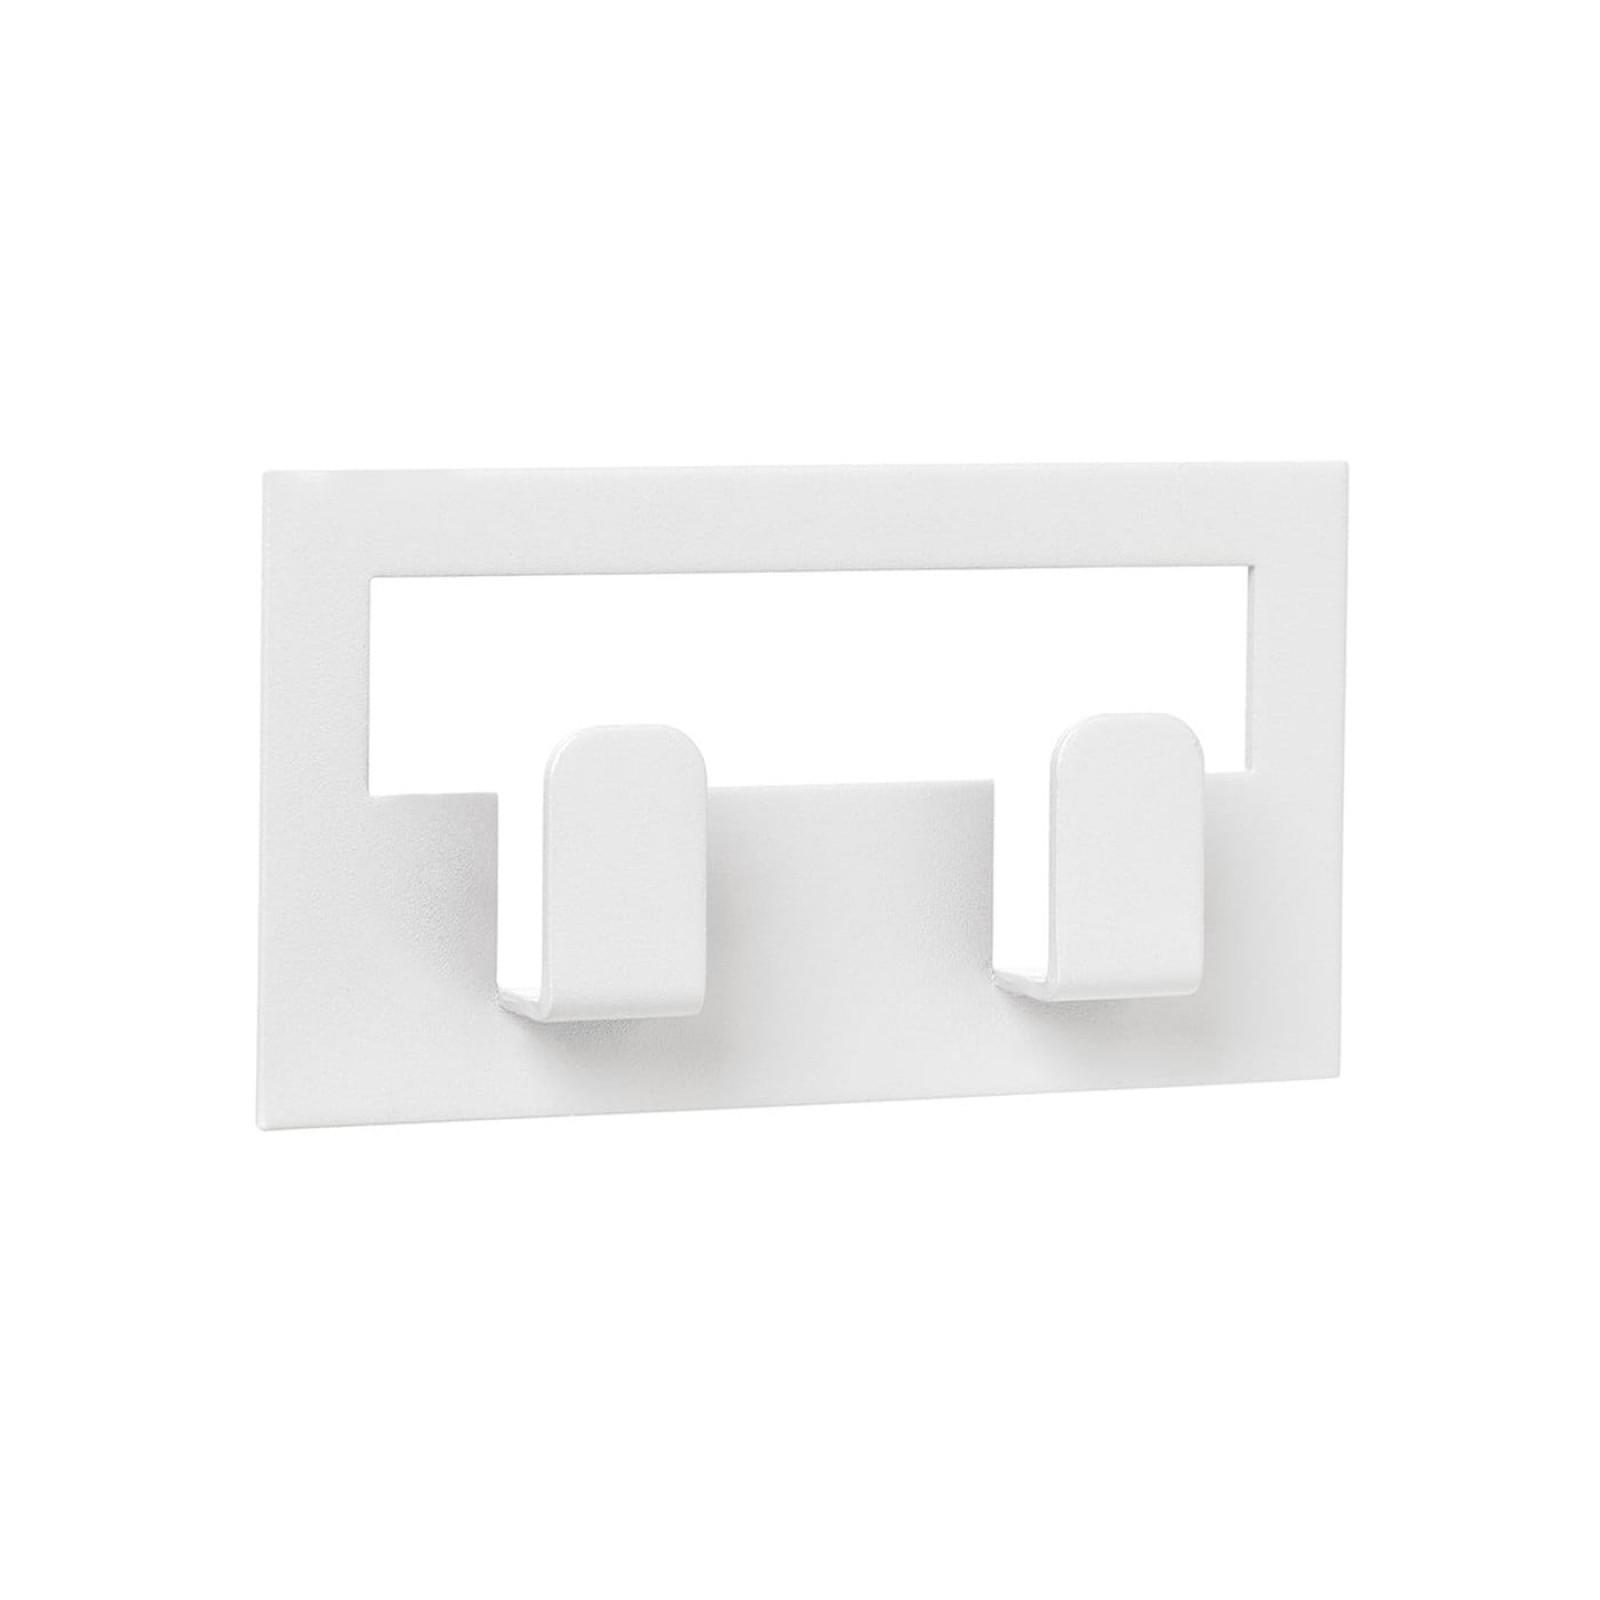 Διπλή Κρεμάστρα για Πετσέτες με Αυτοκόλλητο VINDO (Λευκό) - Blomus